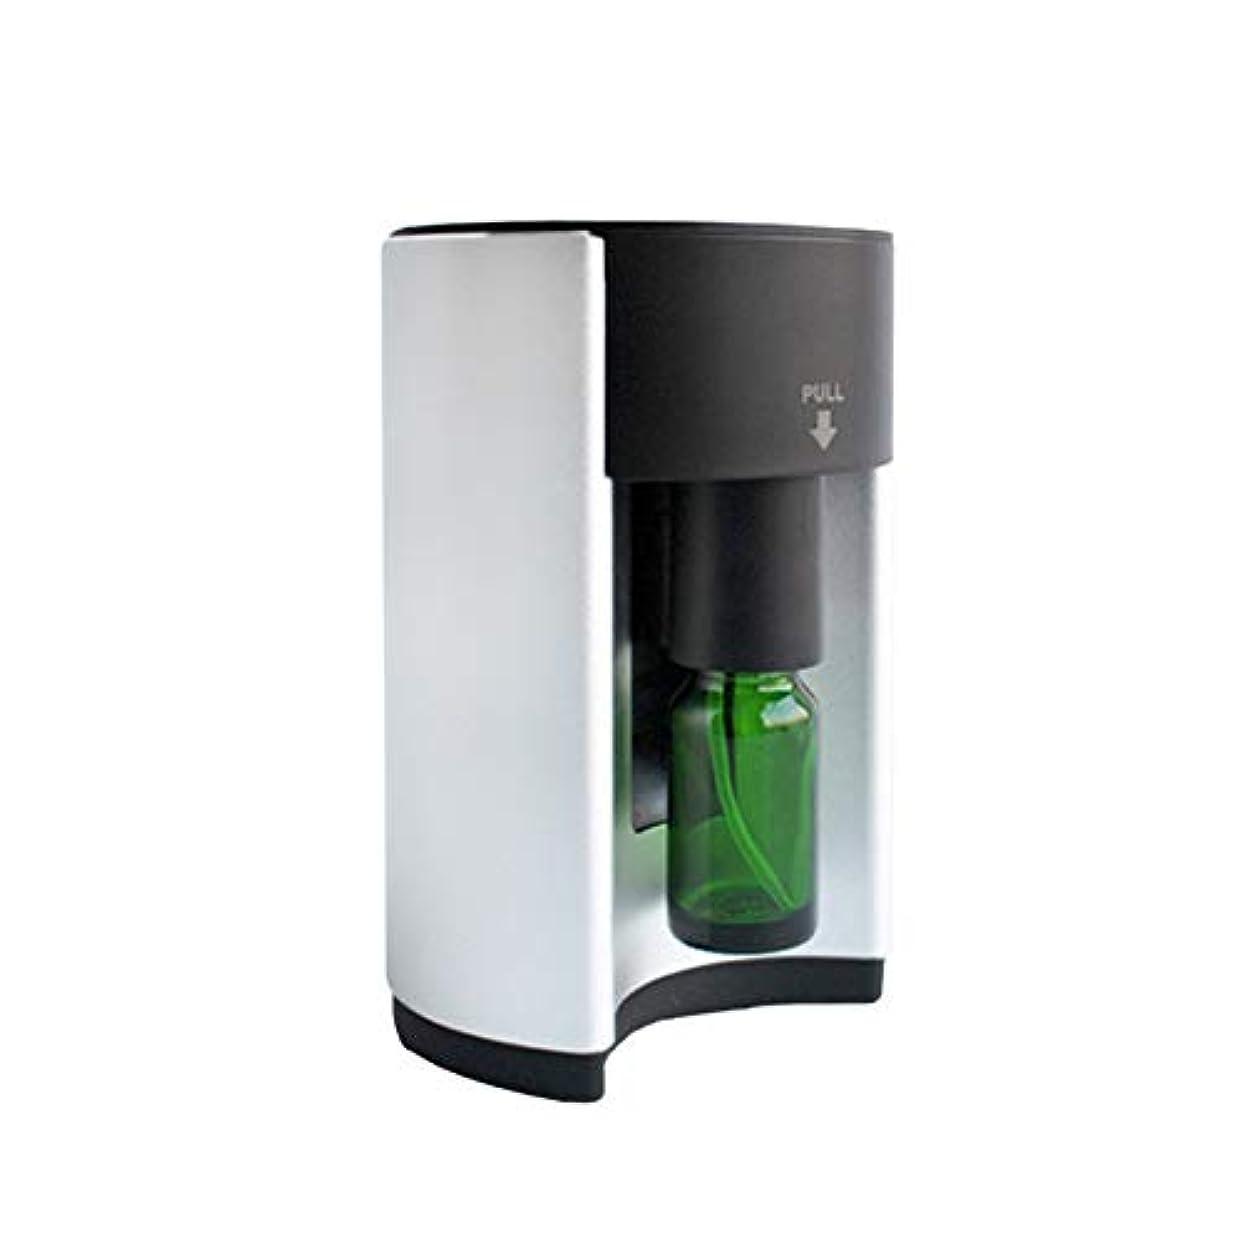 アレイ許される見出し広範囲適用 アロマディフューザー ネブライザー式 シルバー アロマオイル アロマグラス 人気 タイマー機能 コンパクトタイプ エッセンシャルオイル 加湿 うるおい